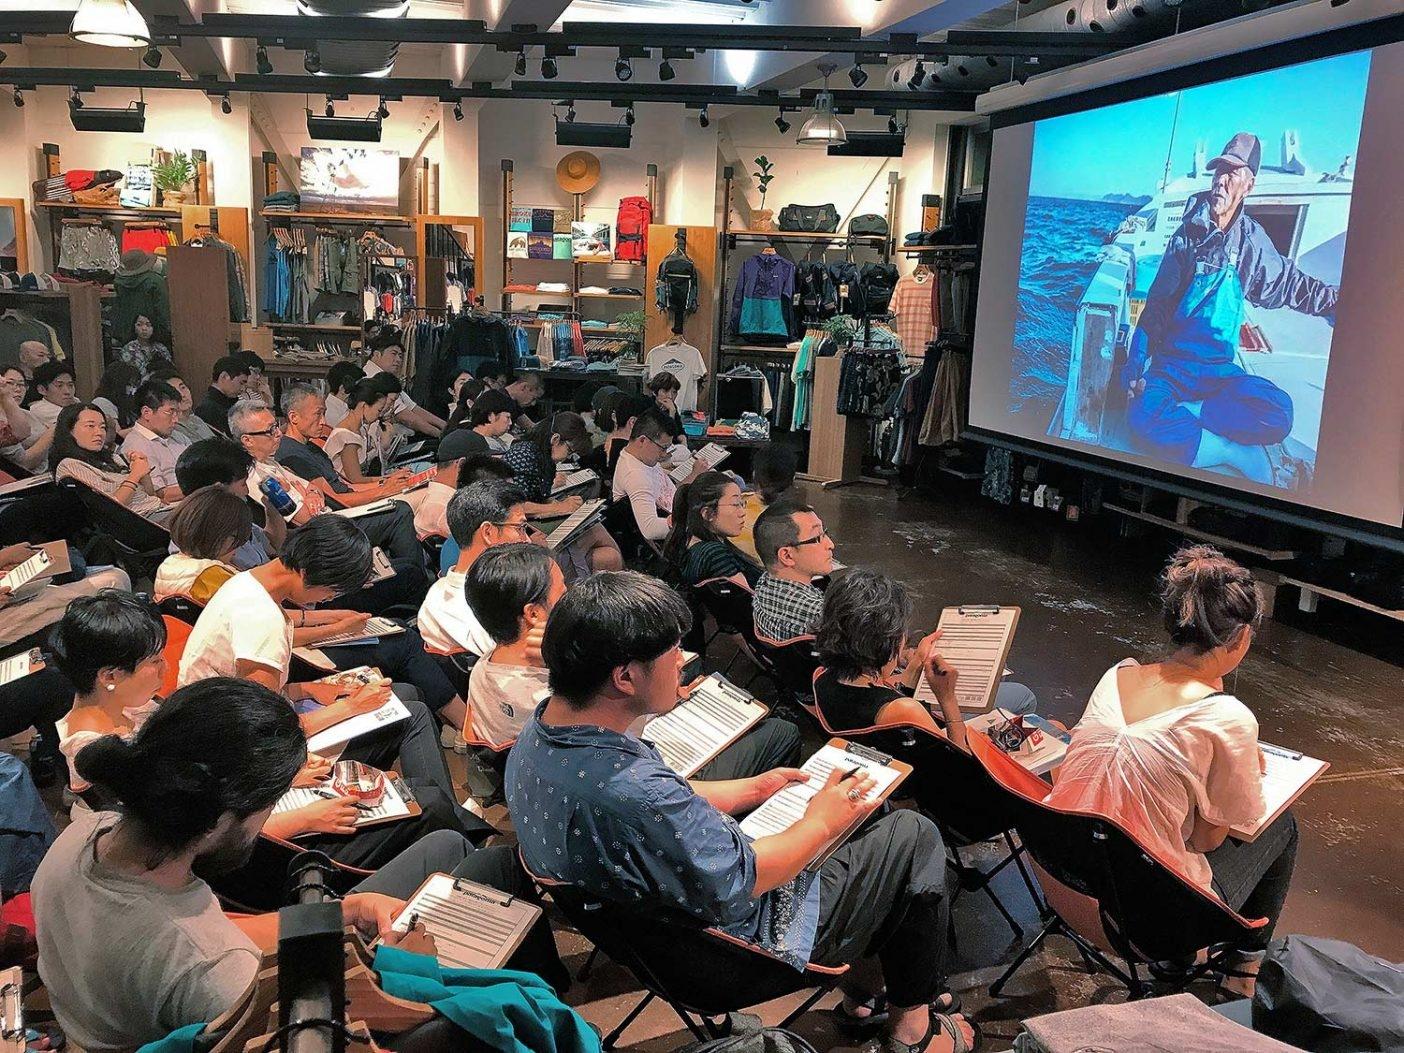 日本での『シー・オブ・ミラクルズ』の上映会。Photo: Tetsuharu Kinoshiro